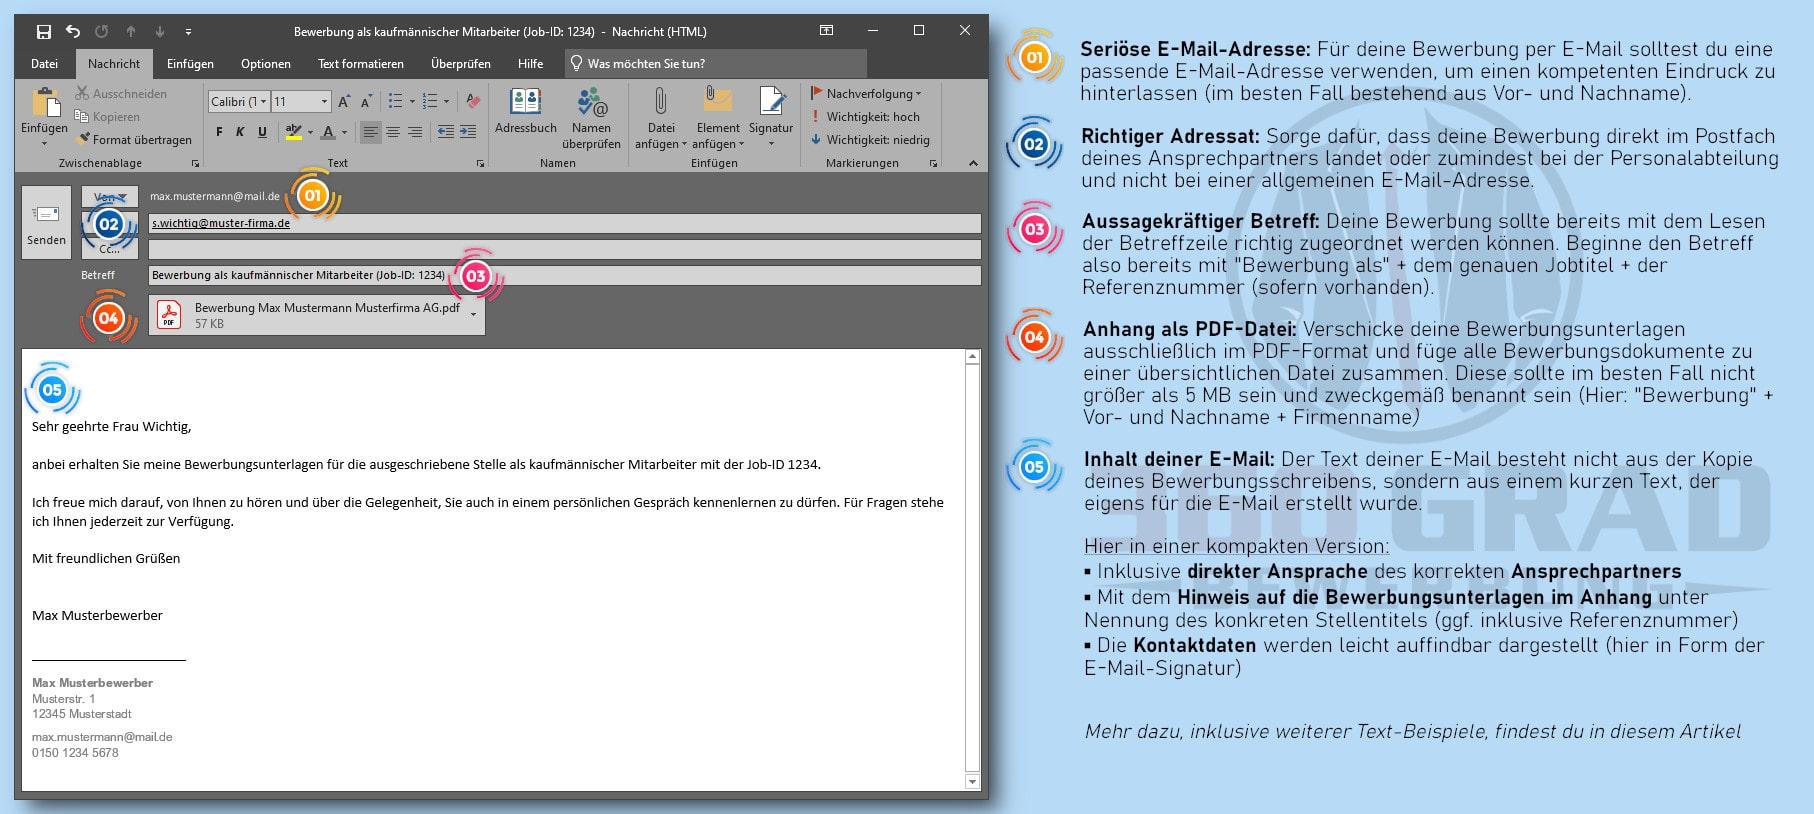 Bewerbung per E-Mail Grafik